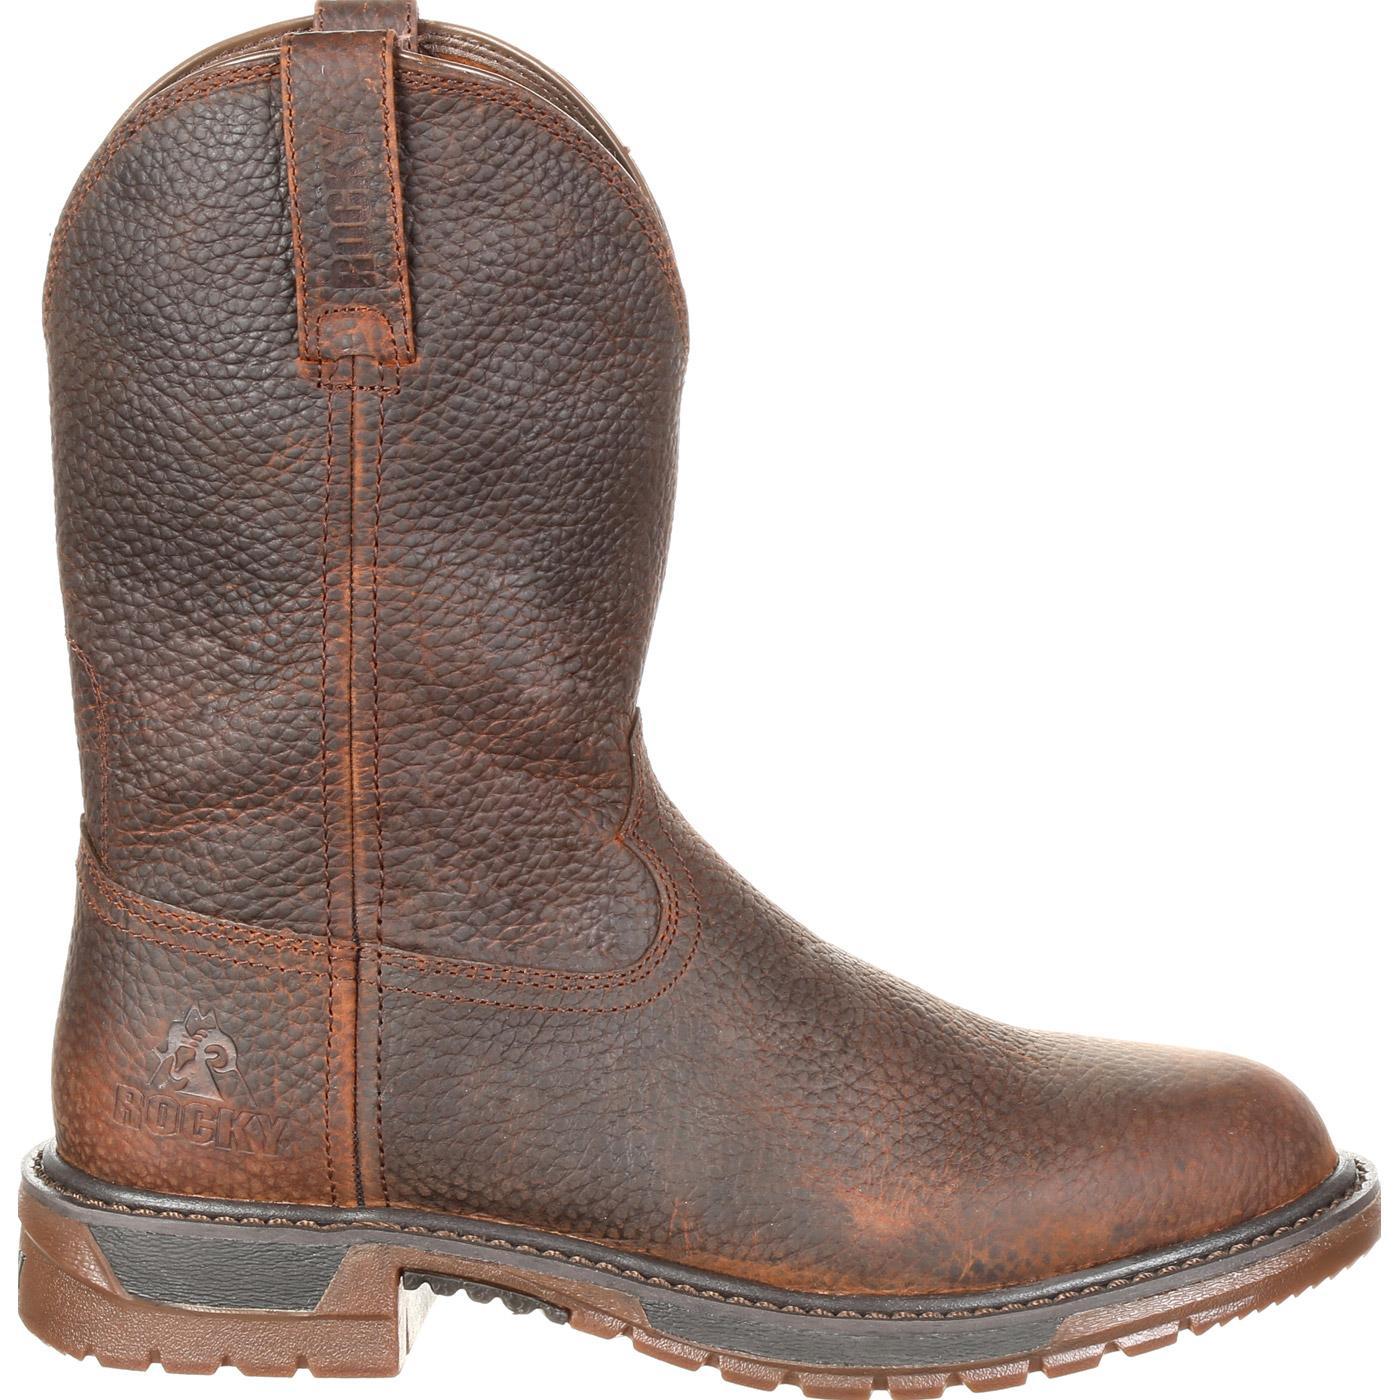 492e3ce87c5 Rocky Original Ride FLX Western Boot